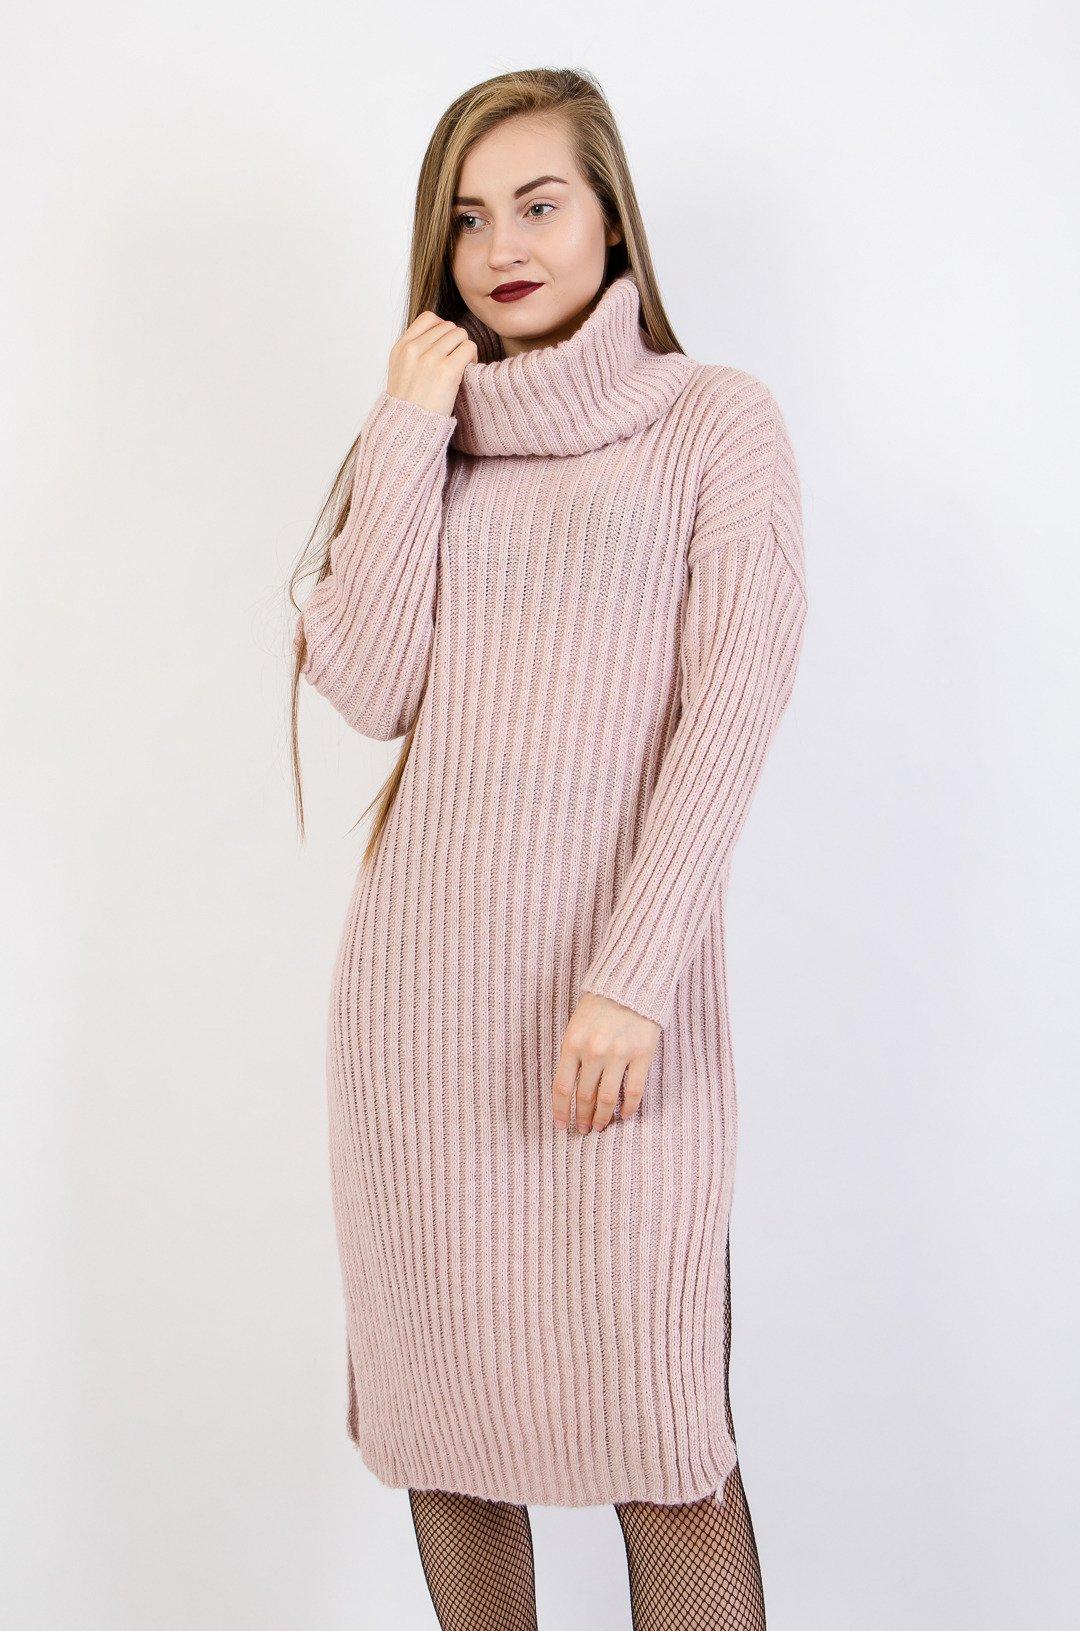 ca81f7f66d1435 Różowa sukienka maxi z golfem oraz rozcięciami po bokach różowy | NOWOŚCI  KOLEKCJA \ Swetry KOLEKCJA \ Sukienki WYPRZEDAŻ % - Olika